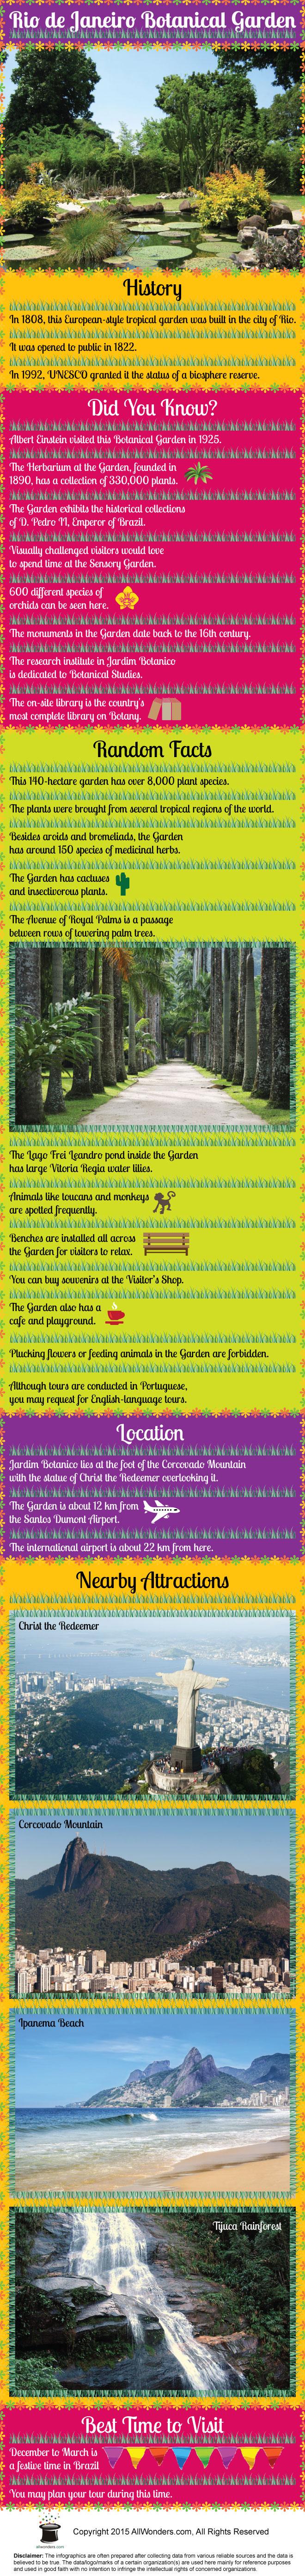 Rio Botanical Garden Infographic